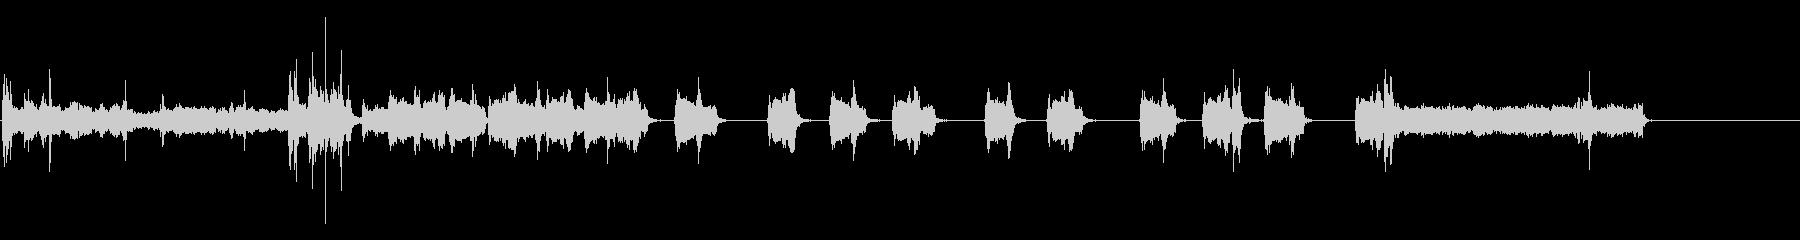 タイプライター-デスクライター-ラ...の未再生の波形